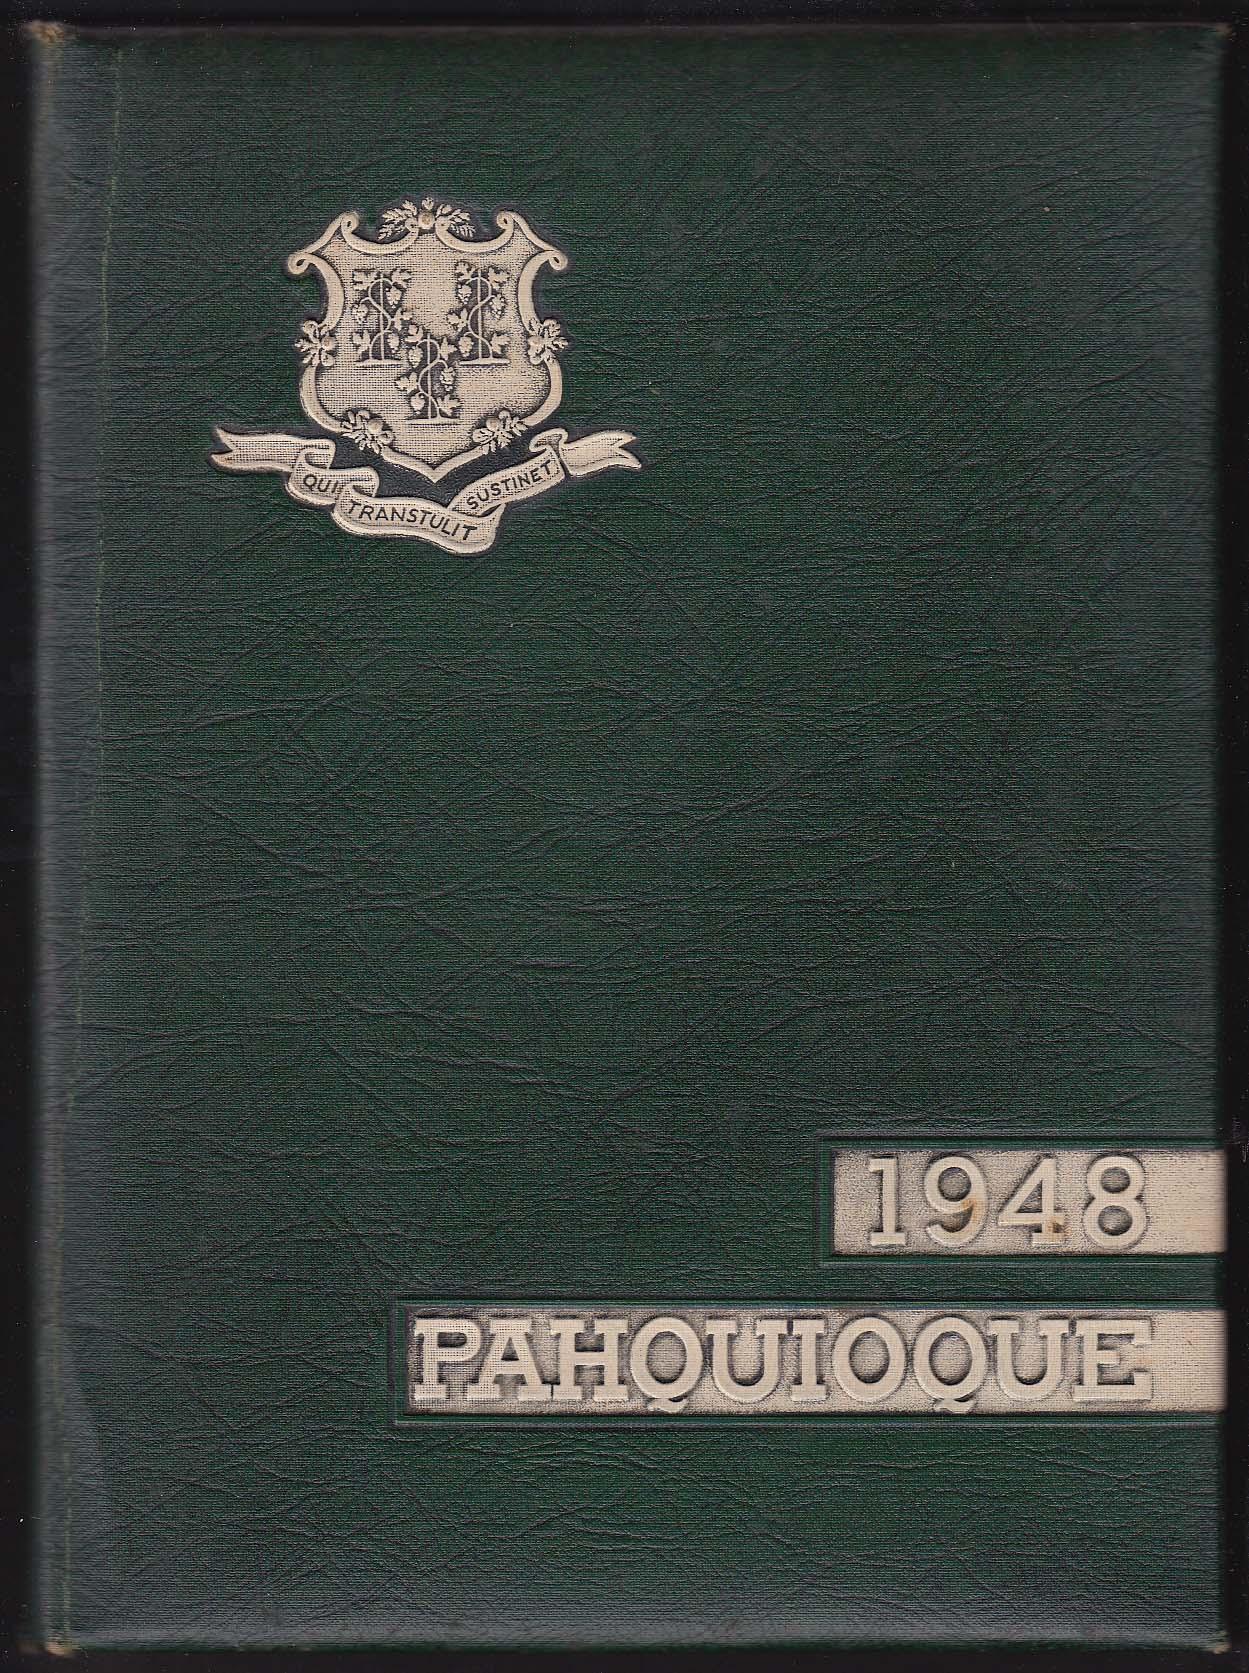 1948 Pahquioque Yearbook Danbury State Teachers College Danbury Connecticut CT